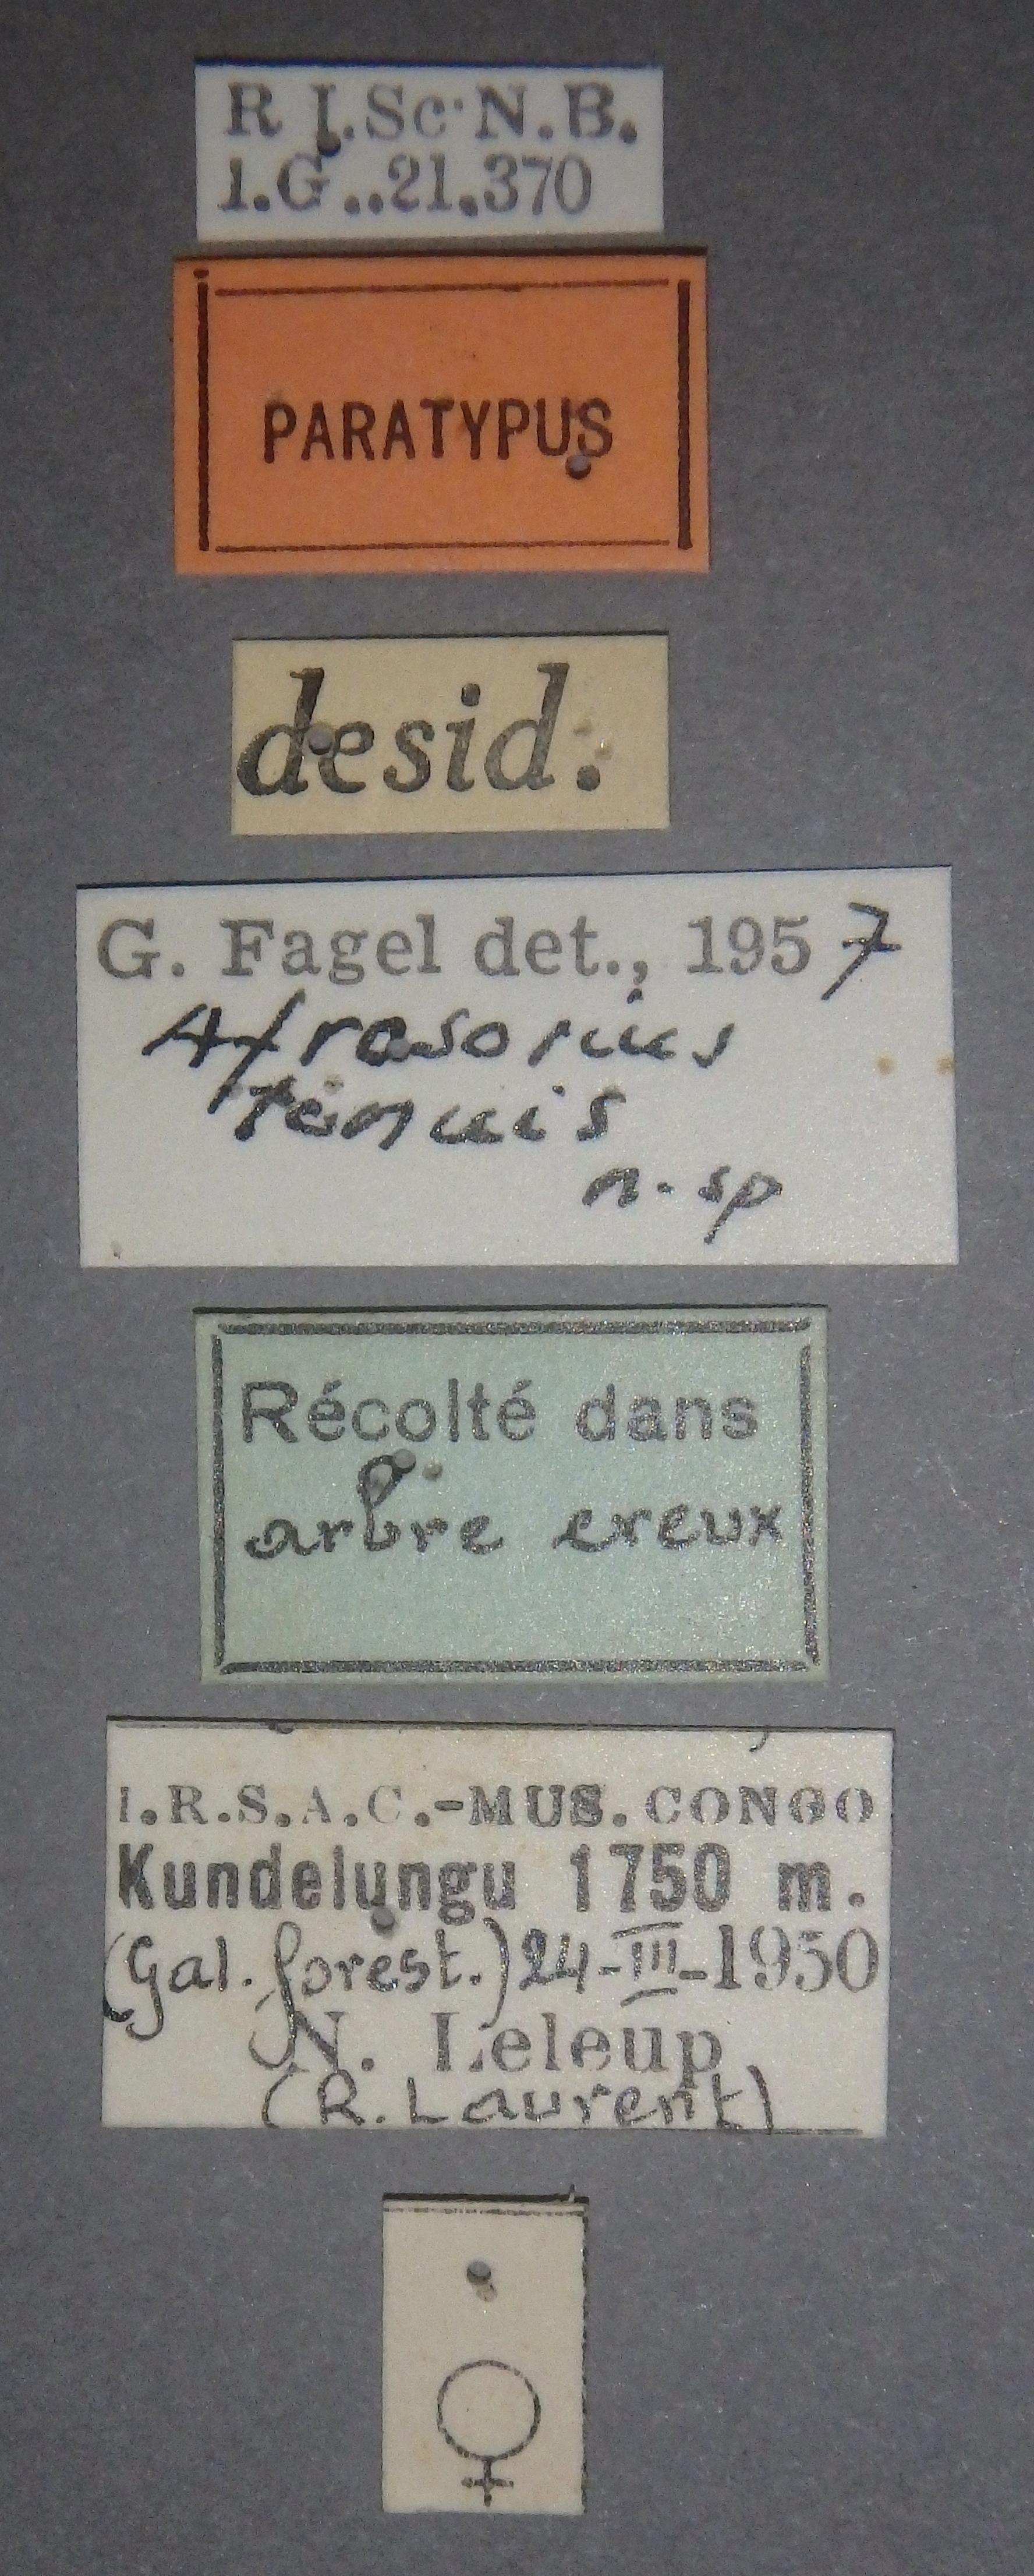 Afrosorius tenuis pt Lb.JPG